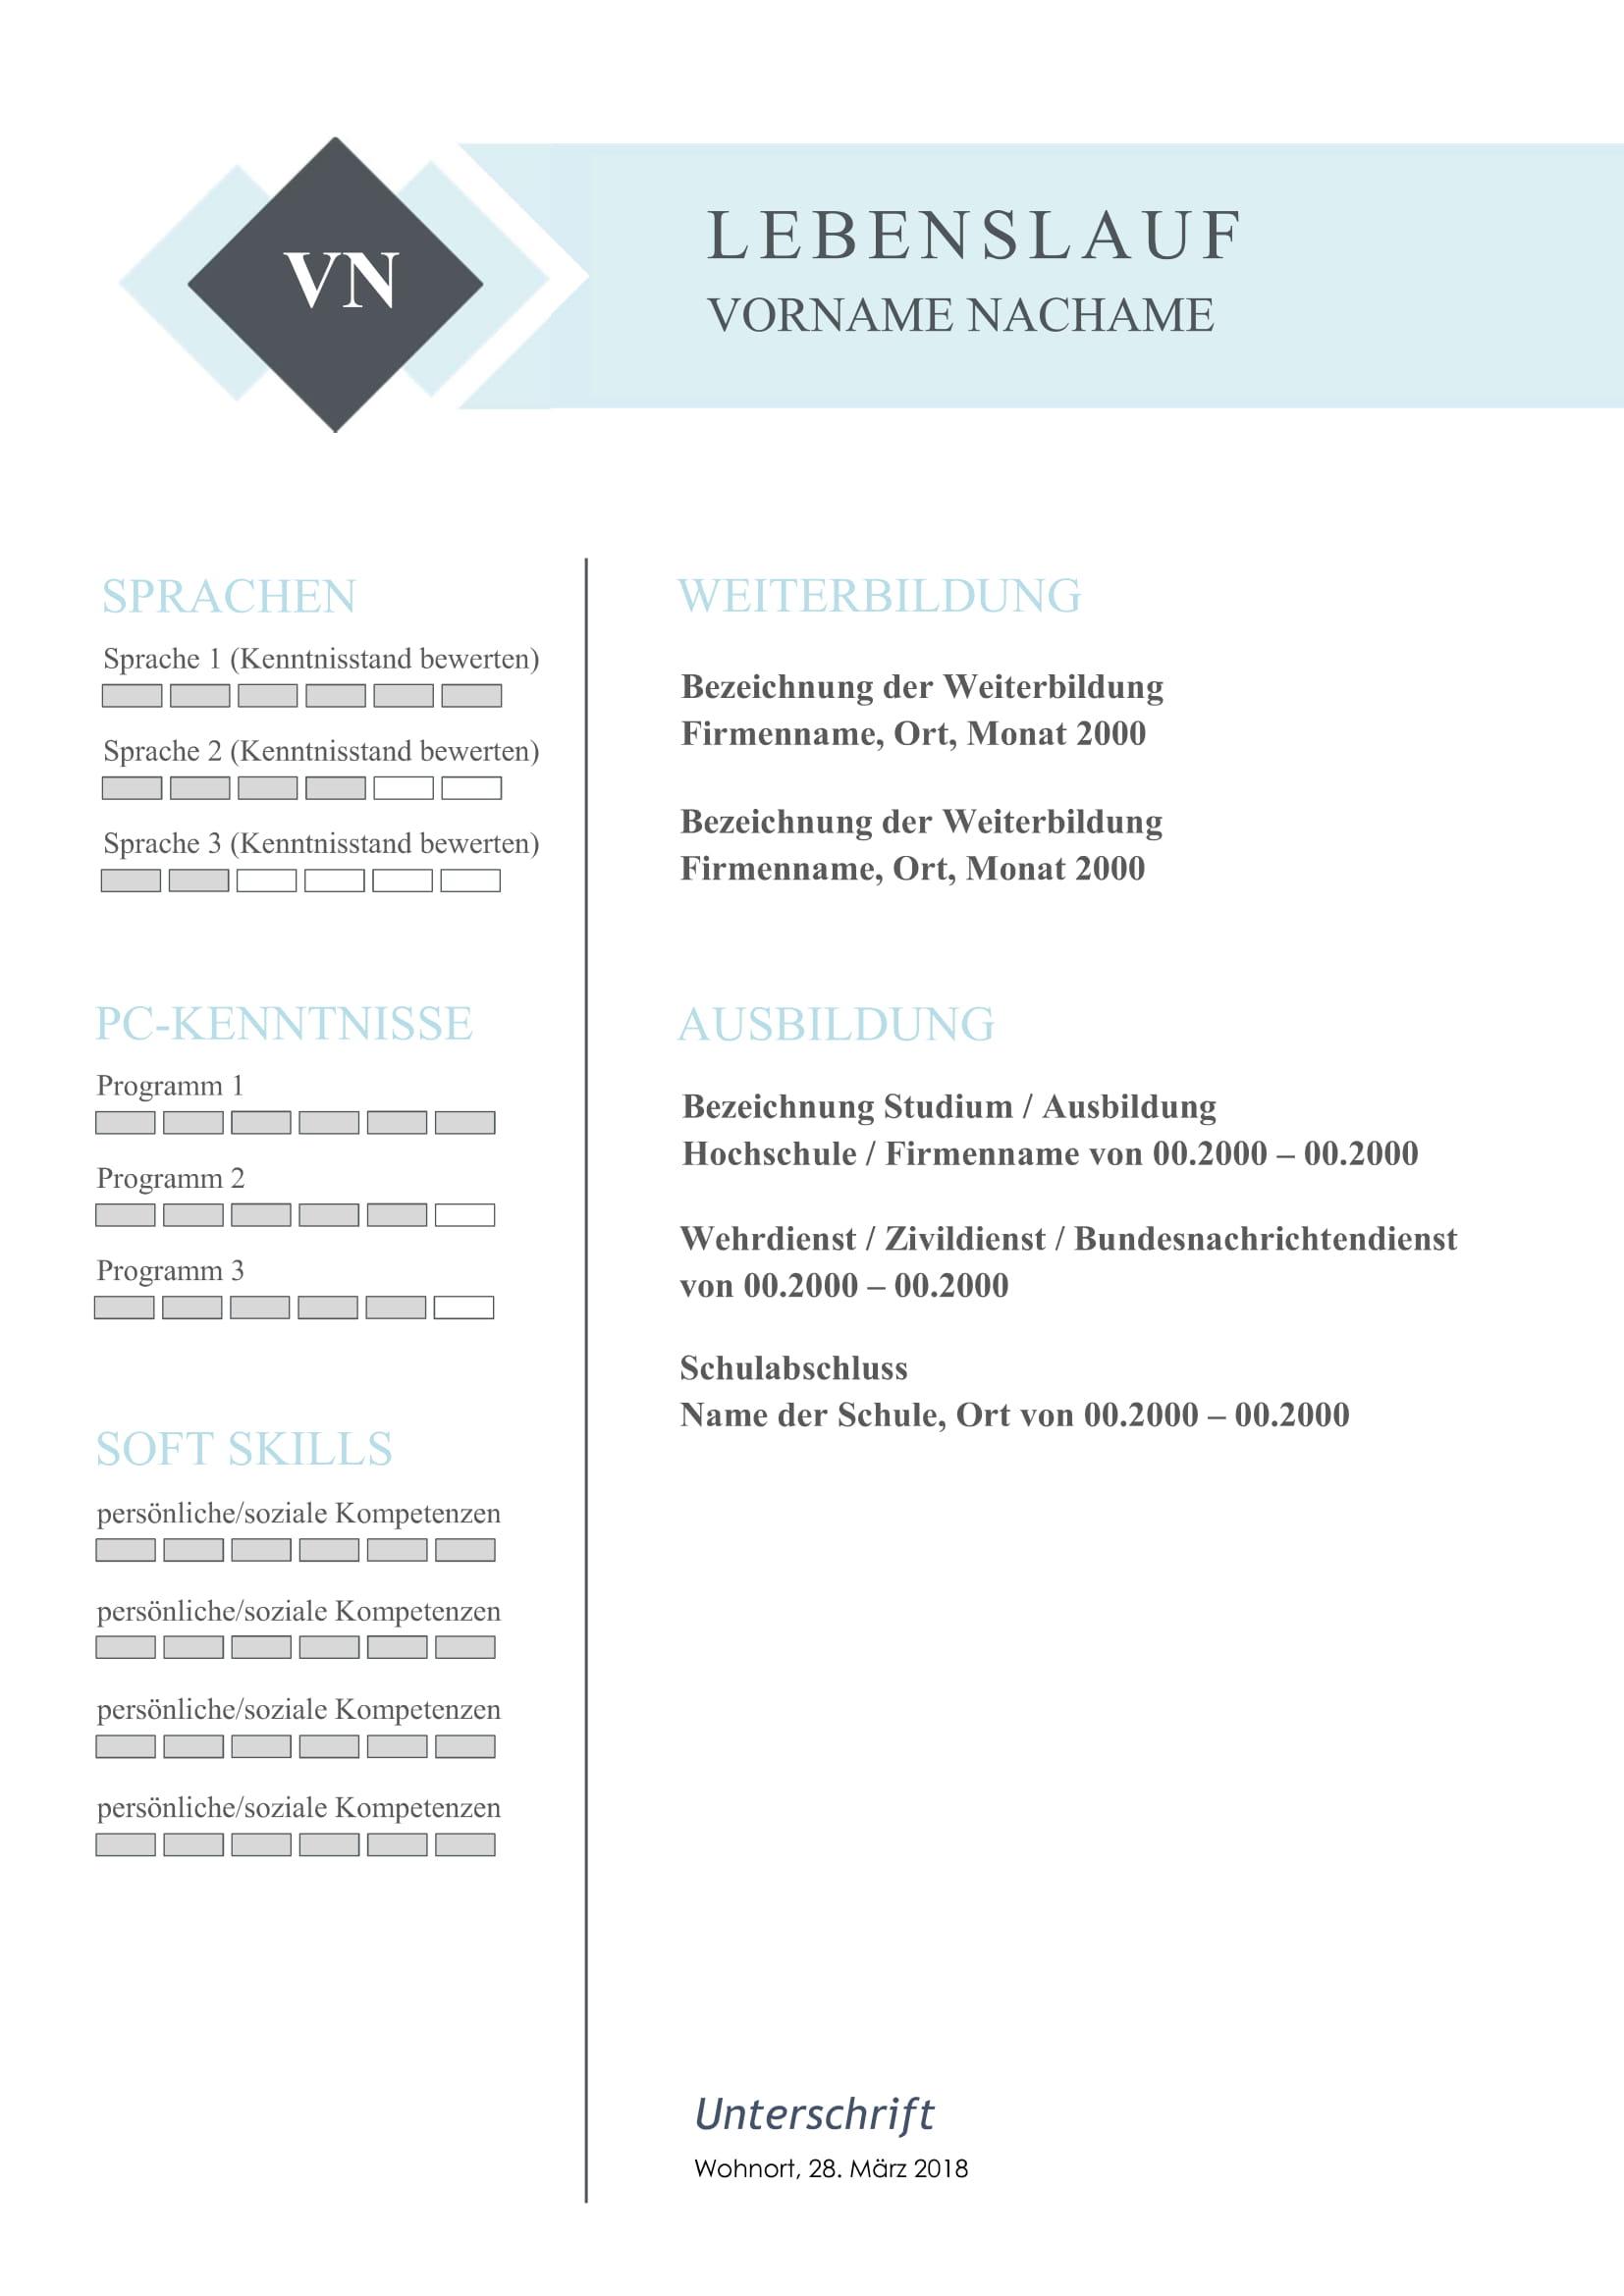 Erfreut Generisches Fax Deckblatt Beispiel Ideen - Bilder für das ...